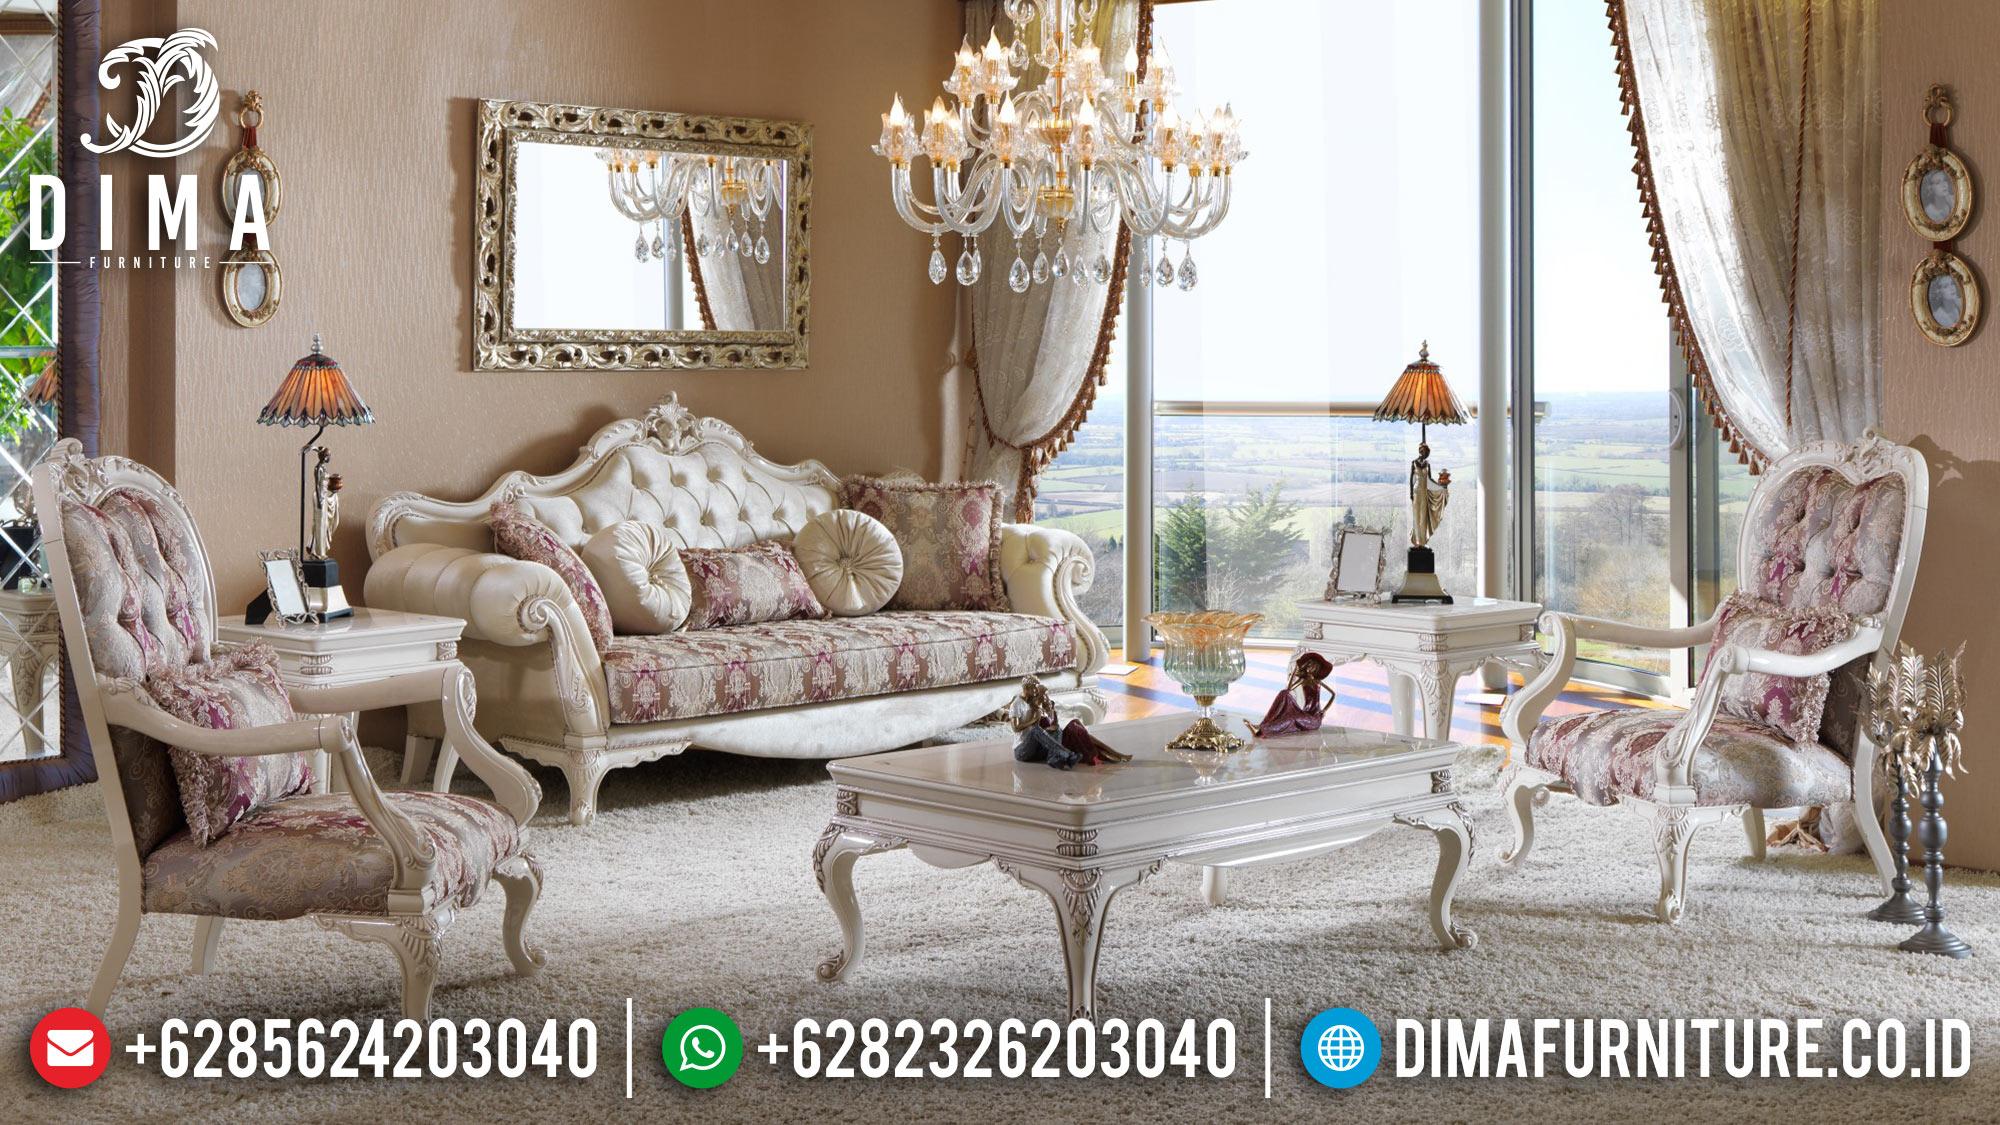 Sofa Tamu Mewah Terbaru Jepara 02 Dima Furniture Jepara